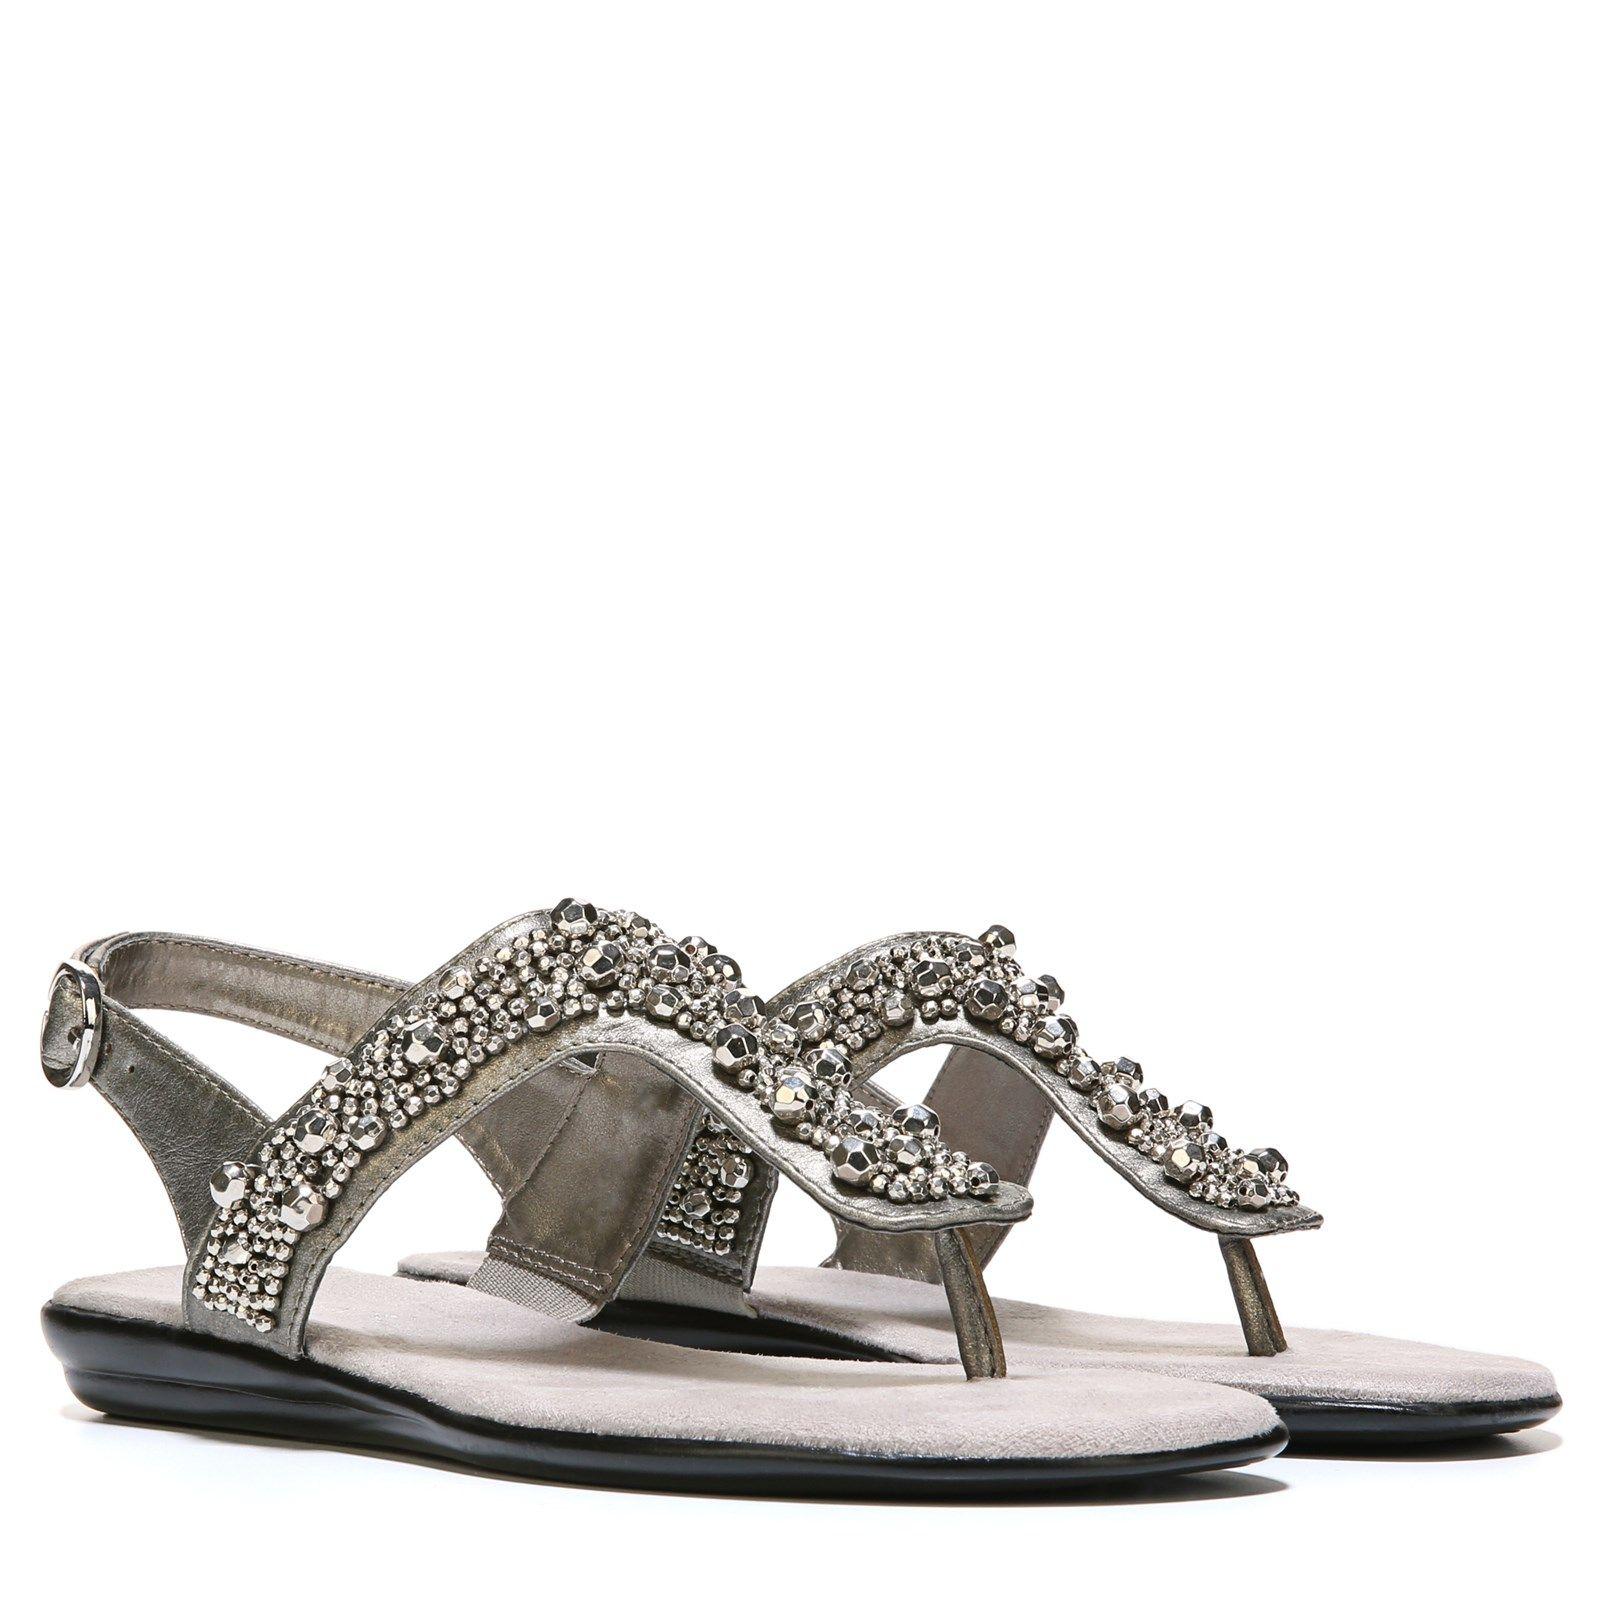 Aerosoles Crystal Chlear Sandal Silver